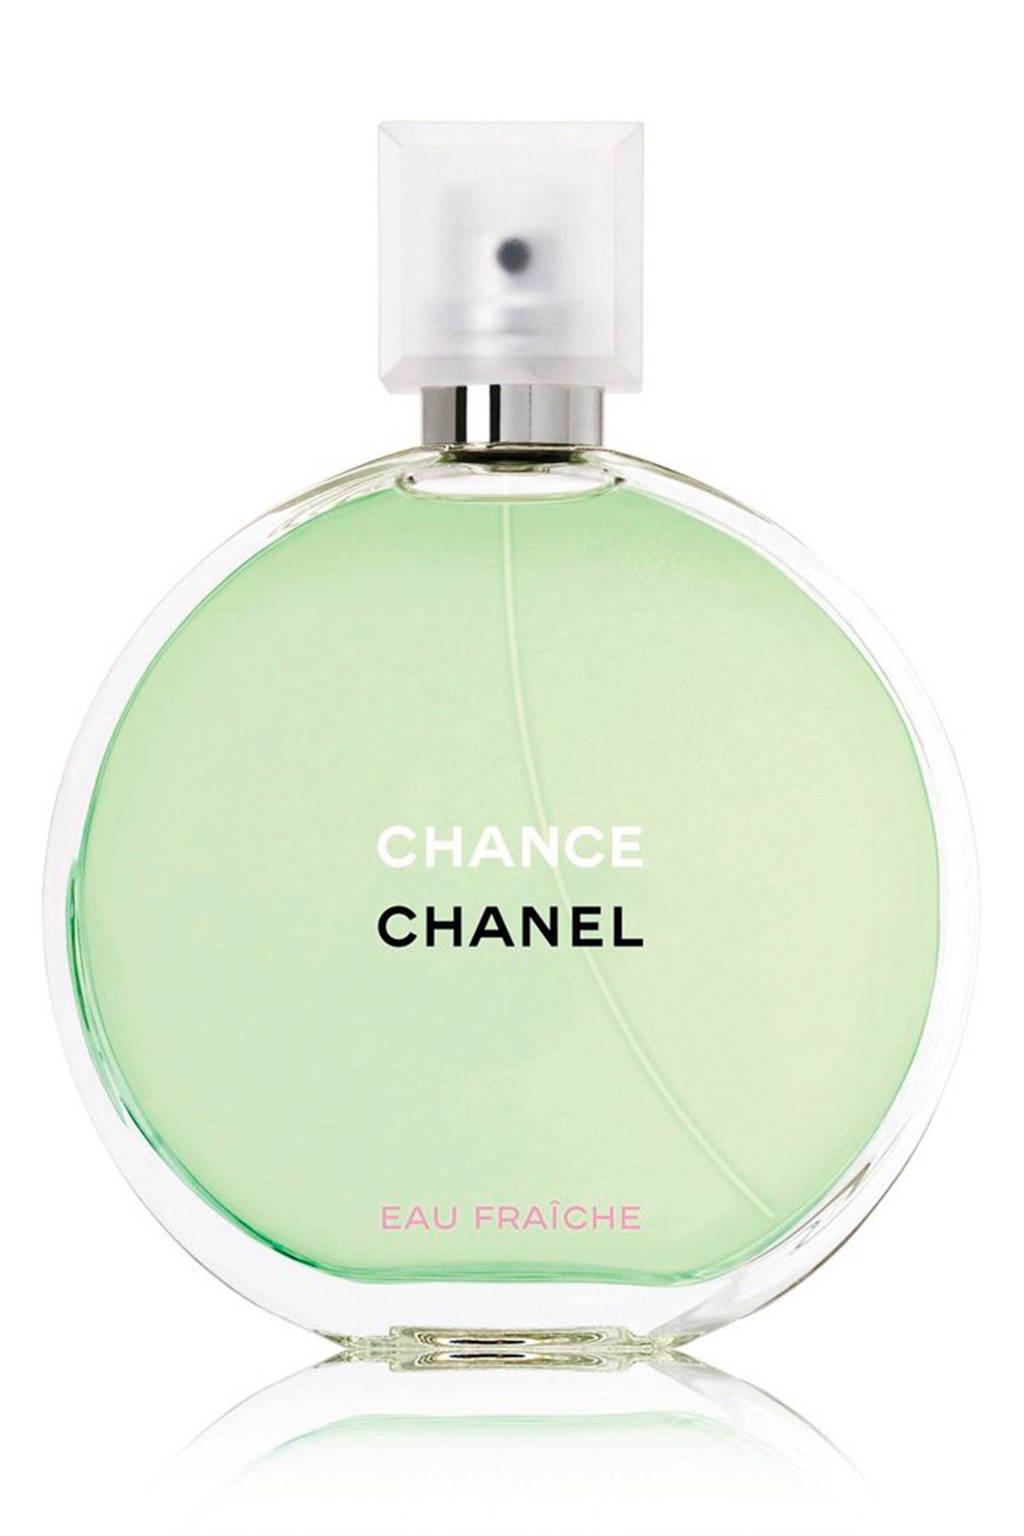 Chanel Chance Eau Fraiche - eau de toilette - 150 ml